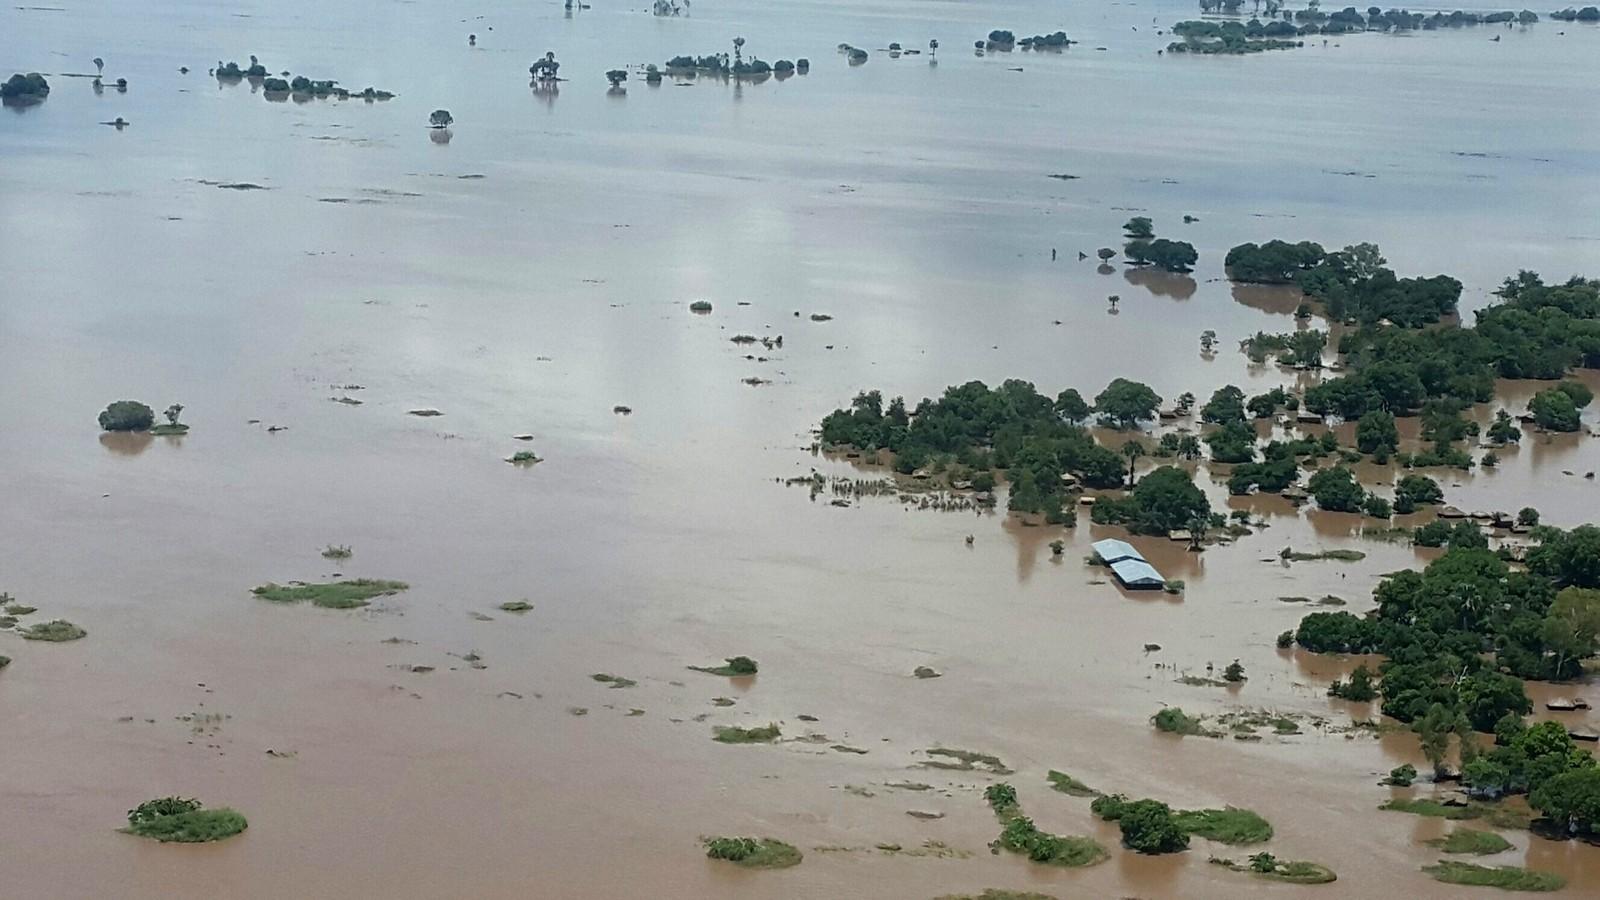 Flomvannet vasker bort alt på sin ferd sørover i landet. Det vil koste milliarder å bygge det opp igjen.